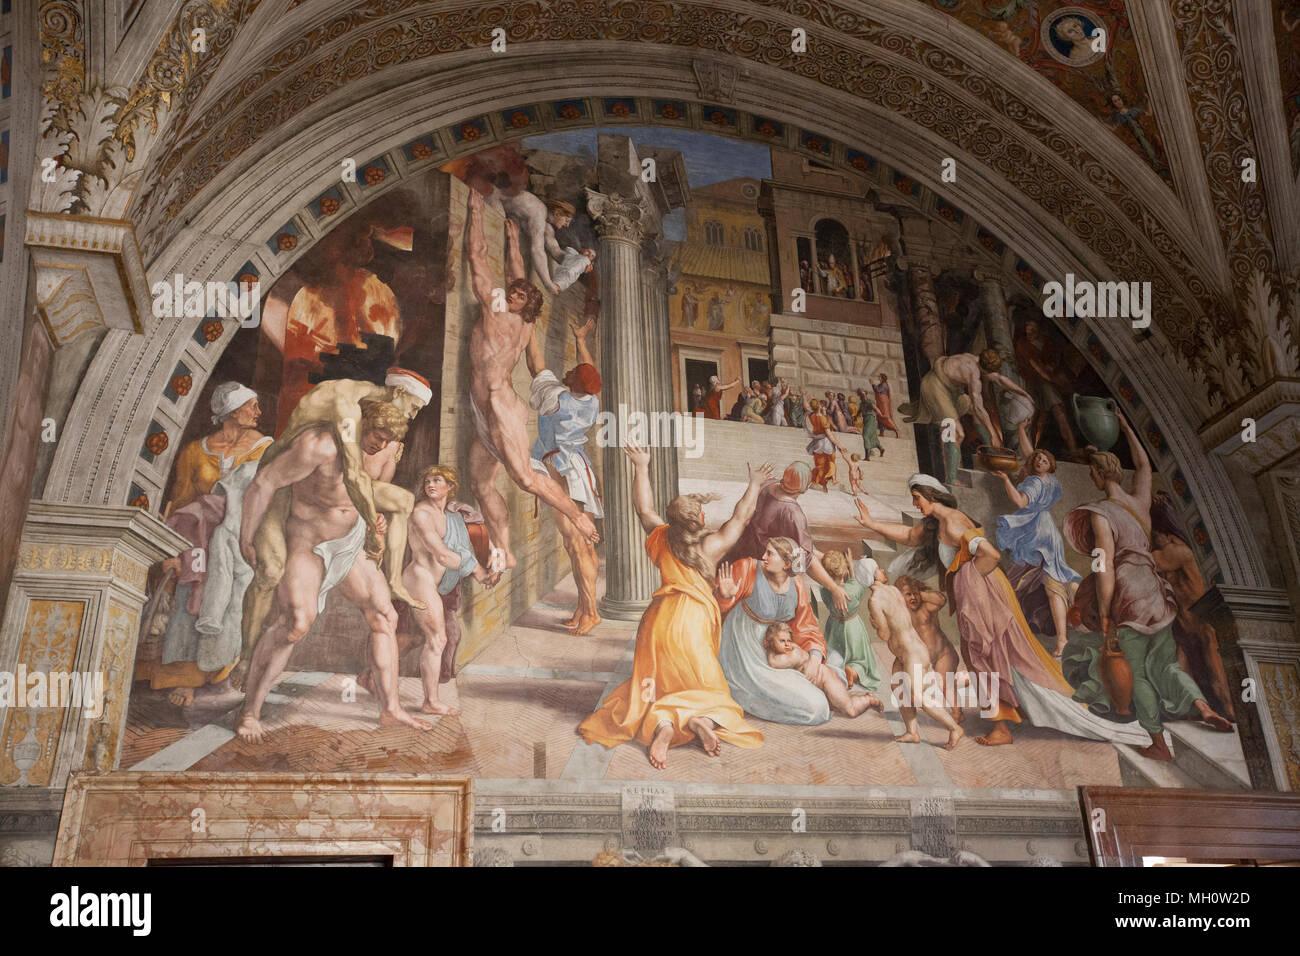 Gran Pared Mural De Arte Religioso En El Vaticano En Roma Italia